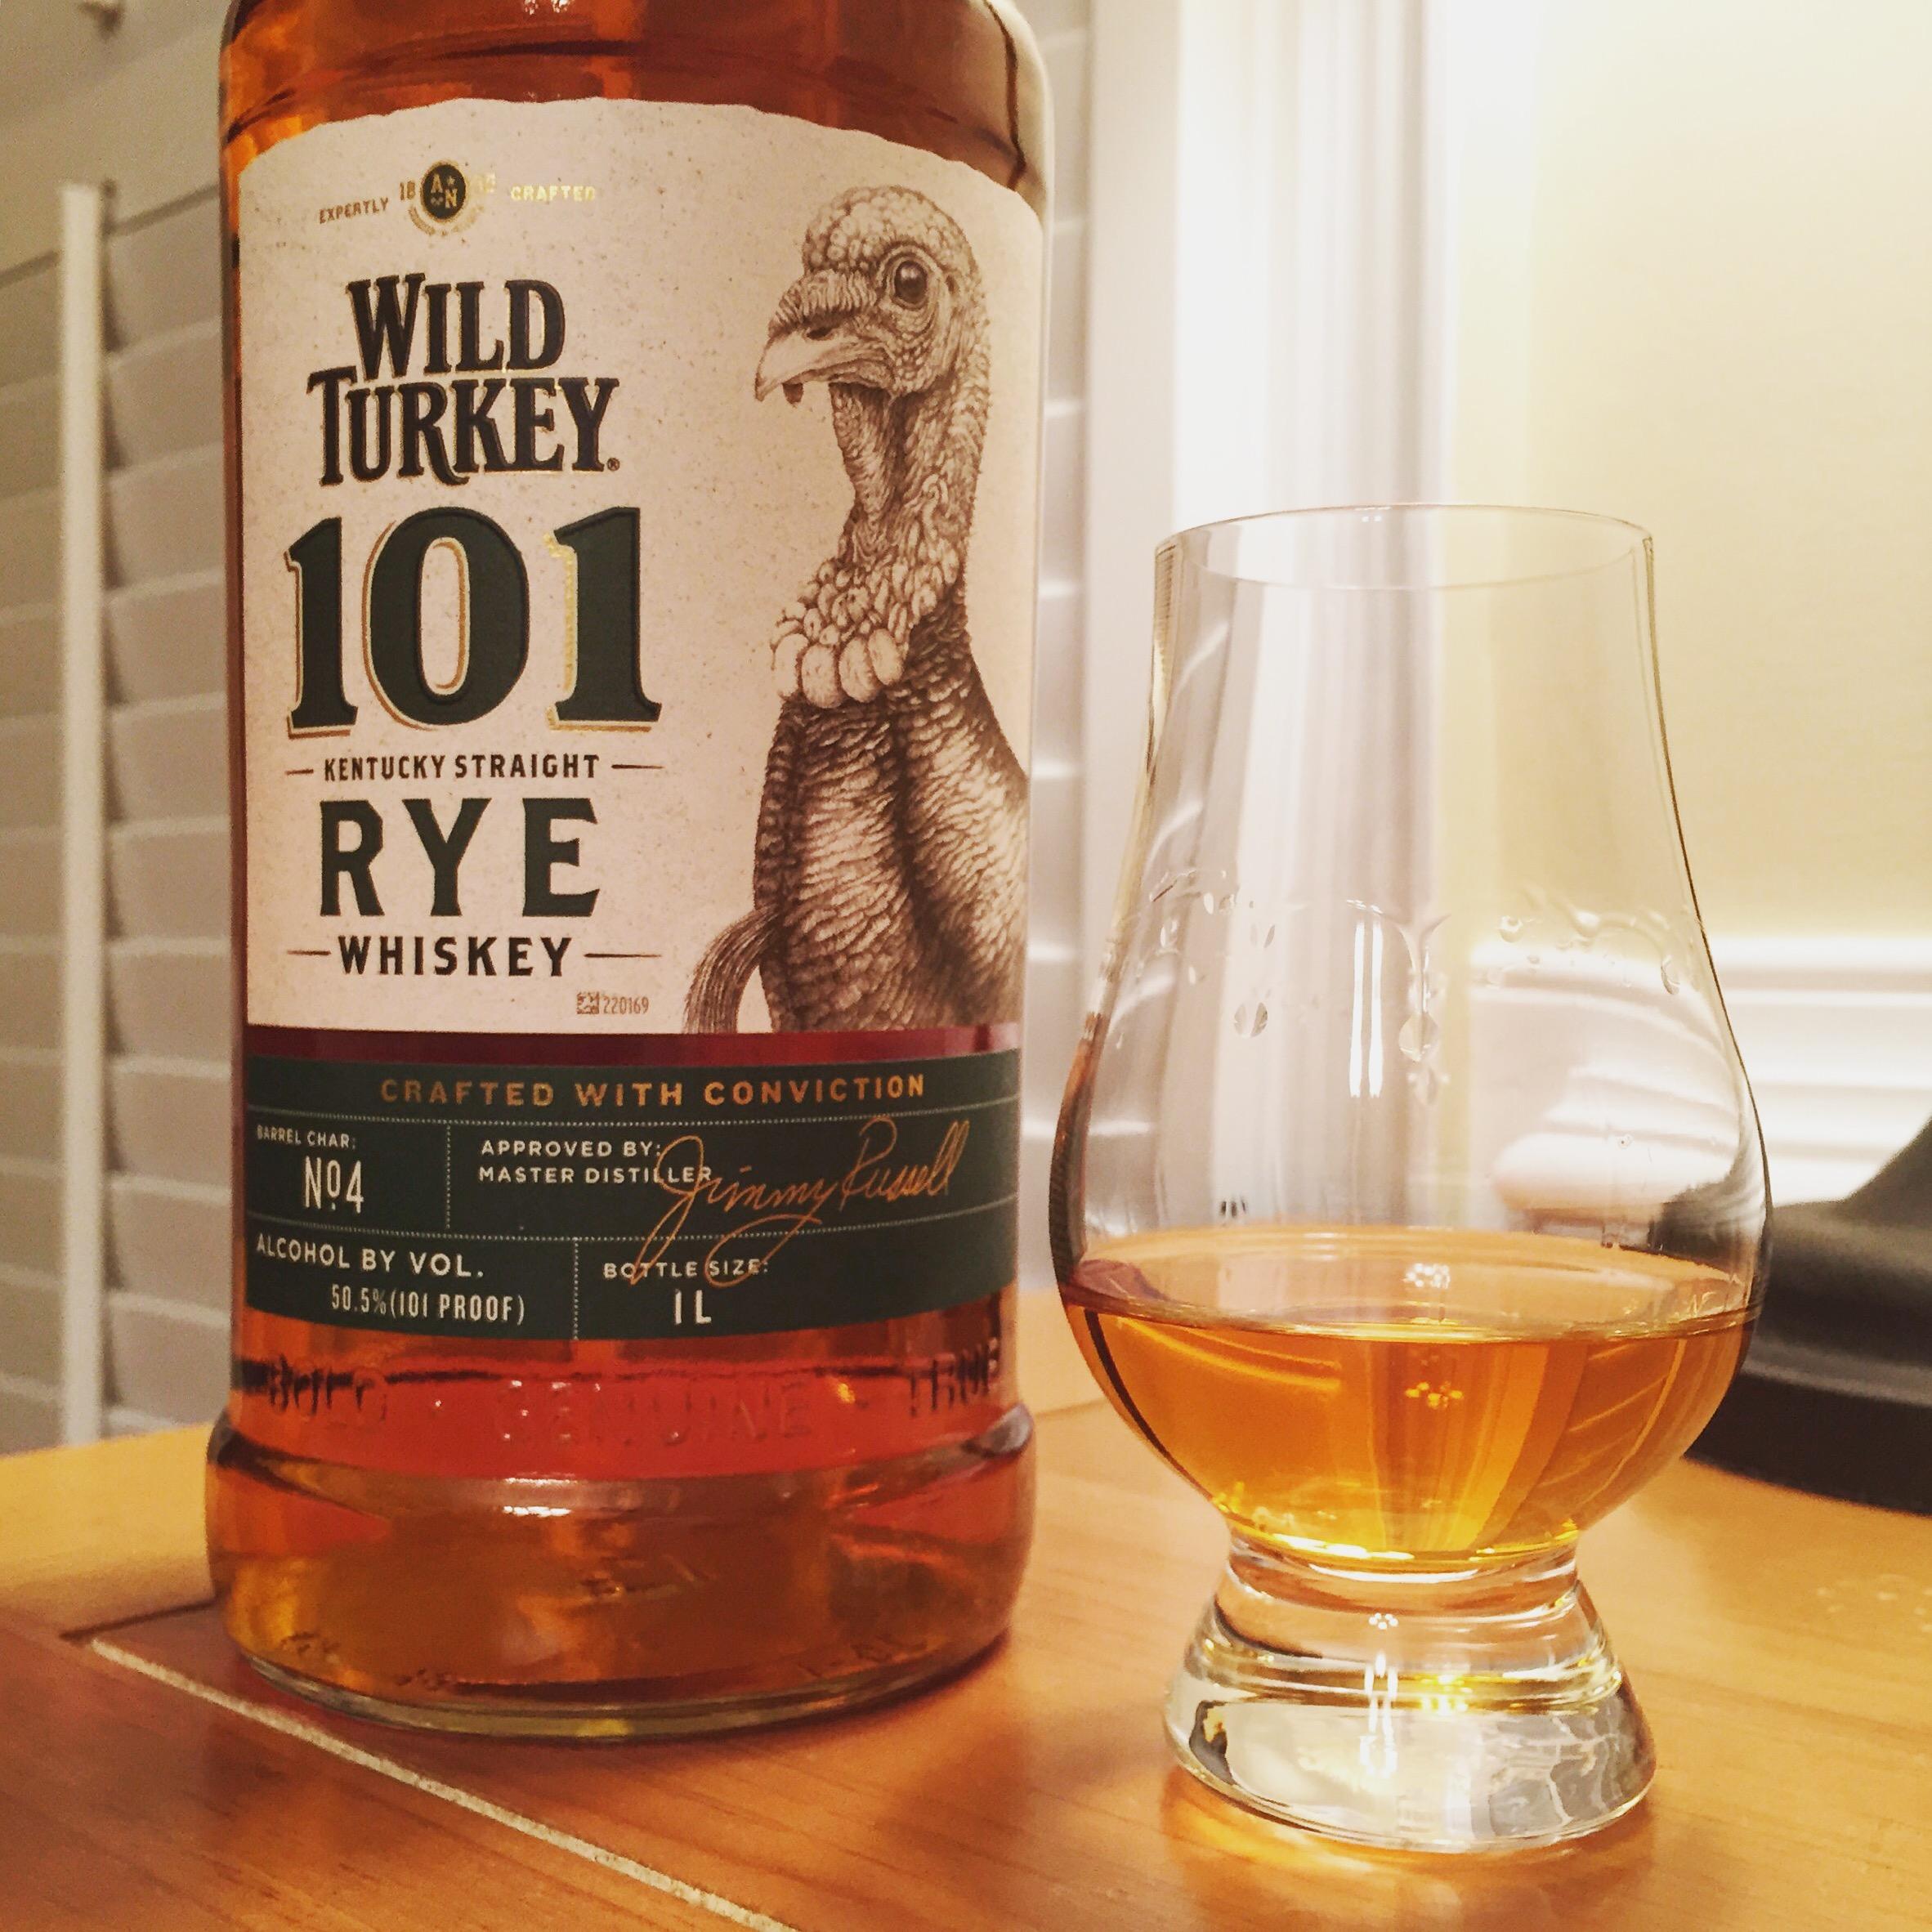 Wild Turkey 101 Rye 2017